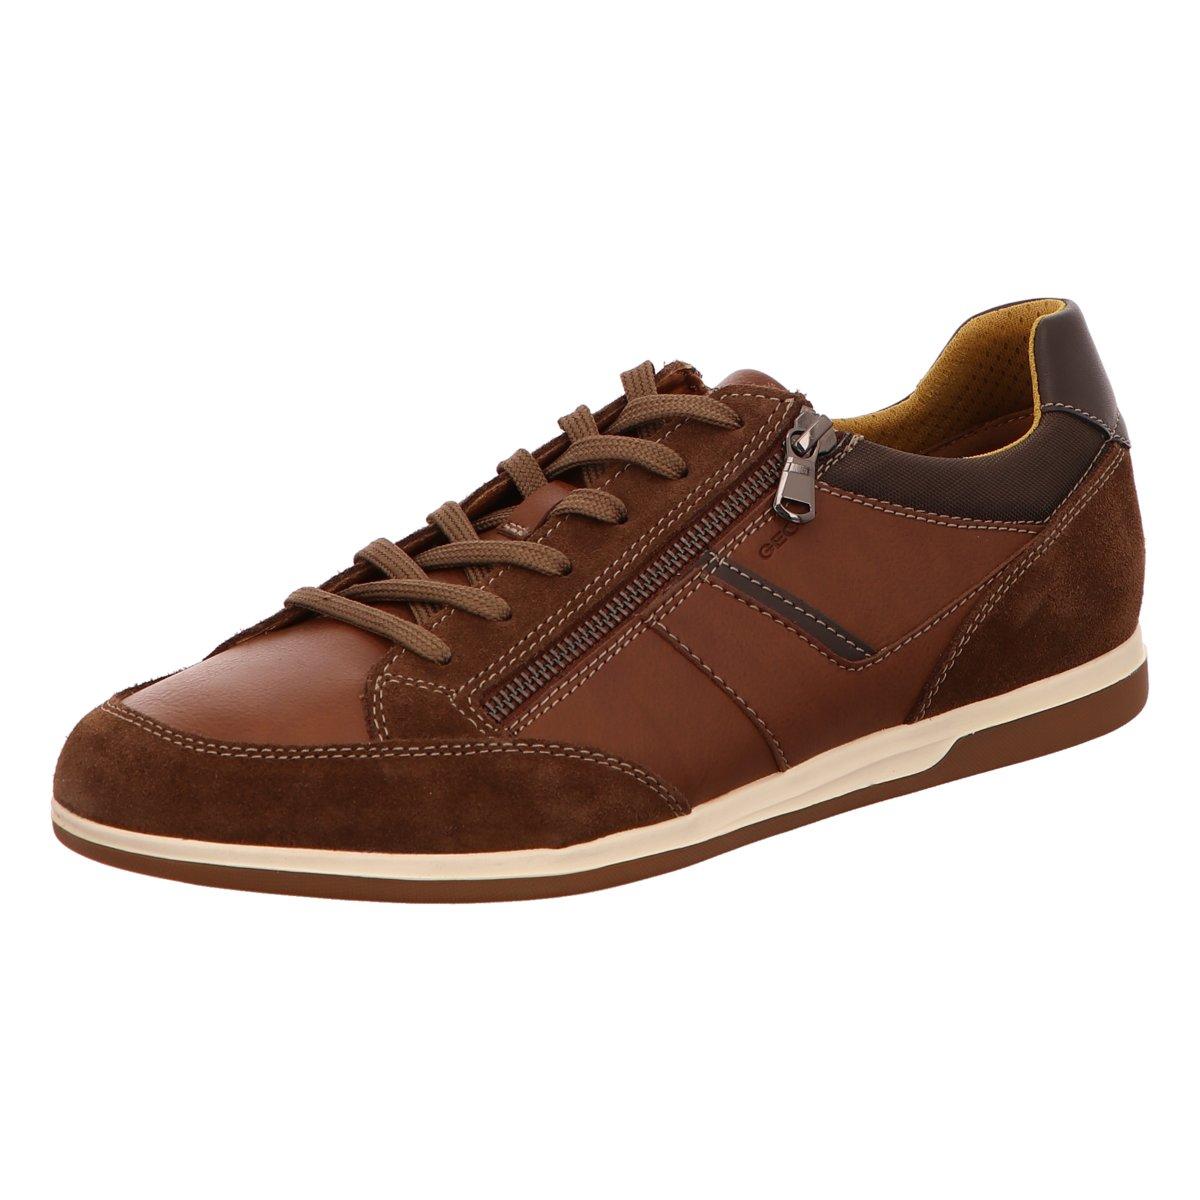 NEU Geox Herren Sneaker U824GC-OME22-C6N6G braun 436309